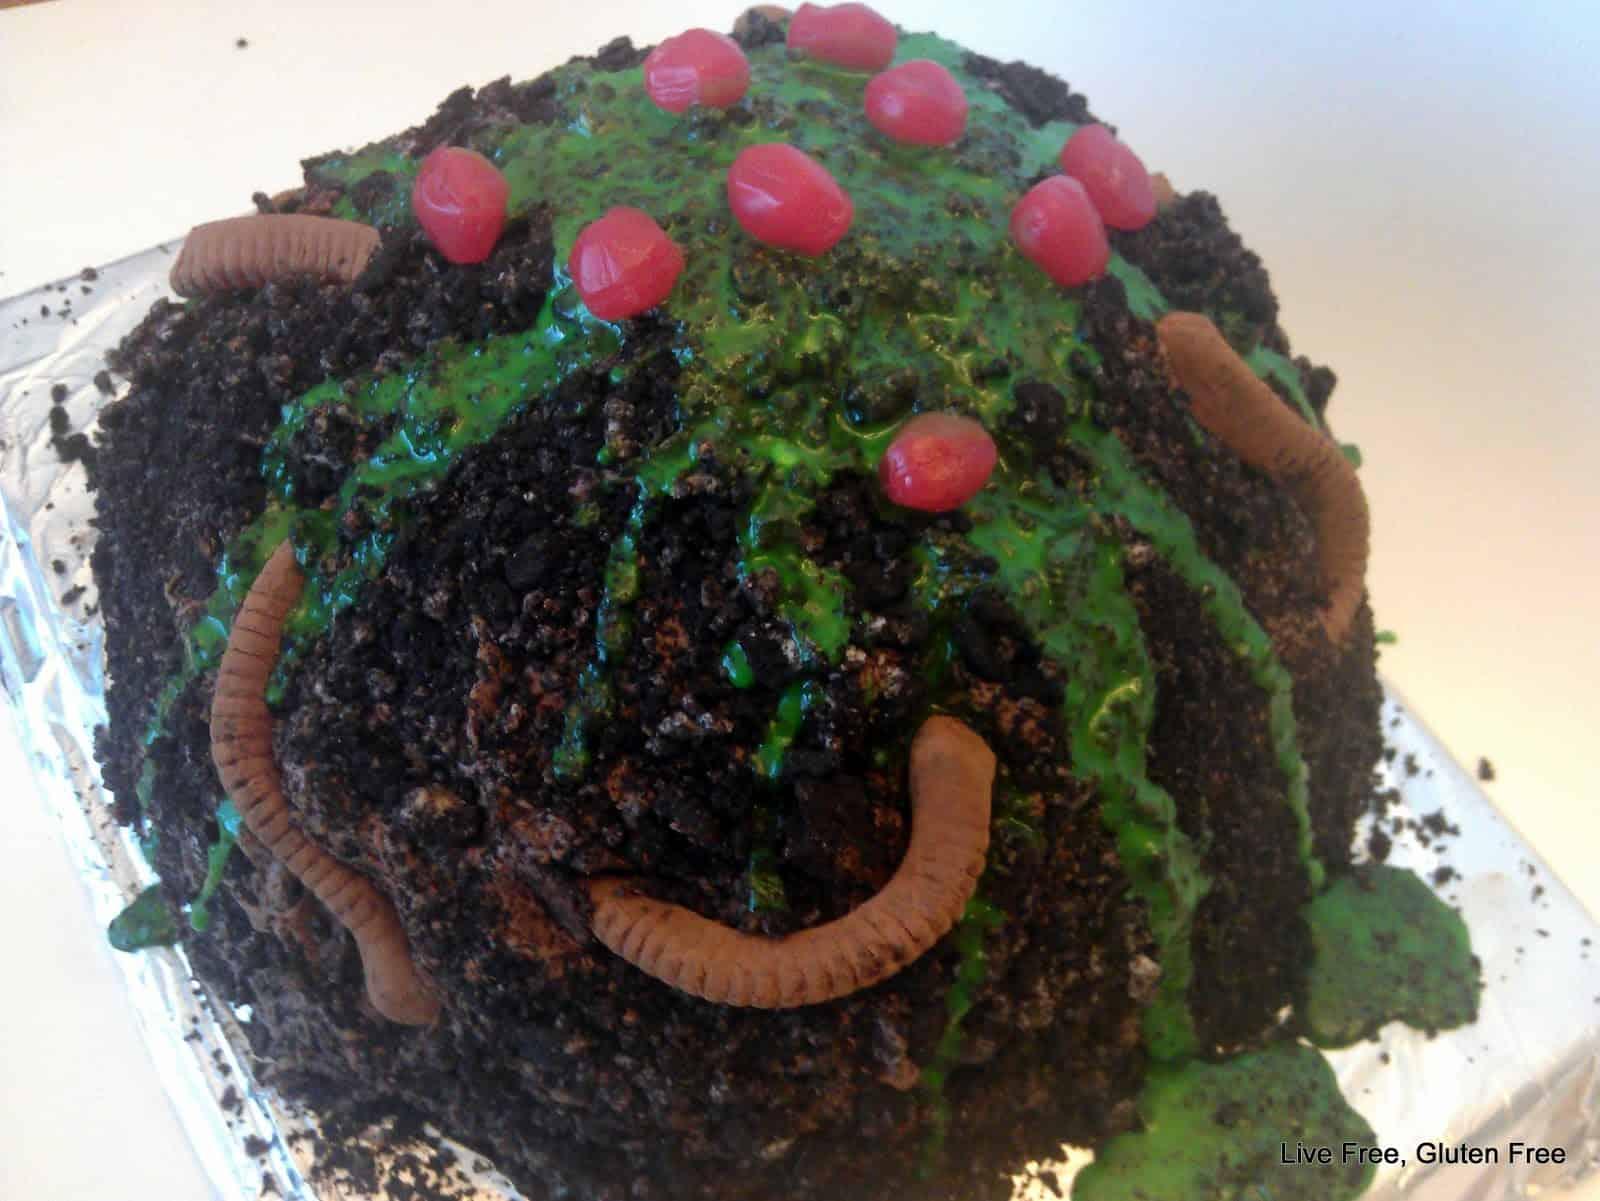 Muddy worm cake